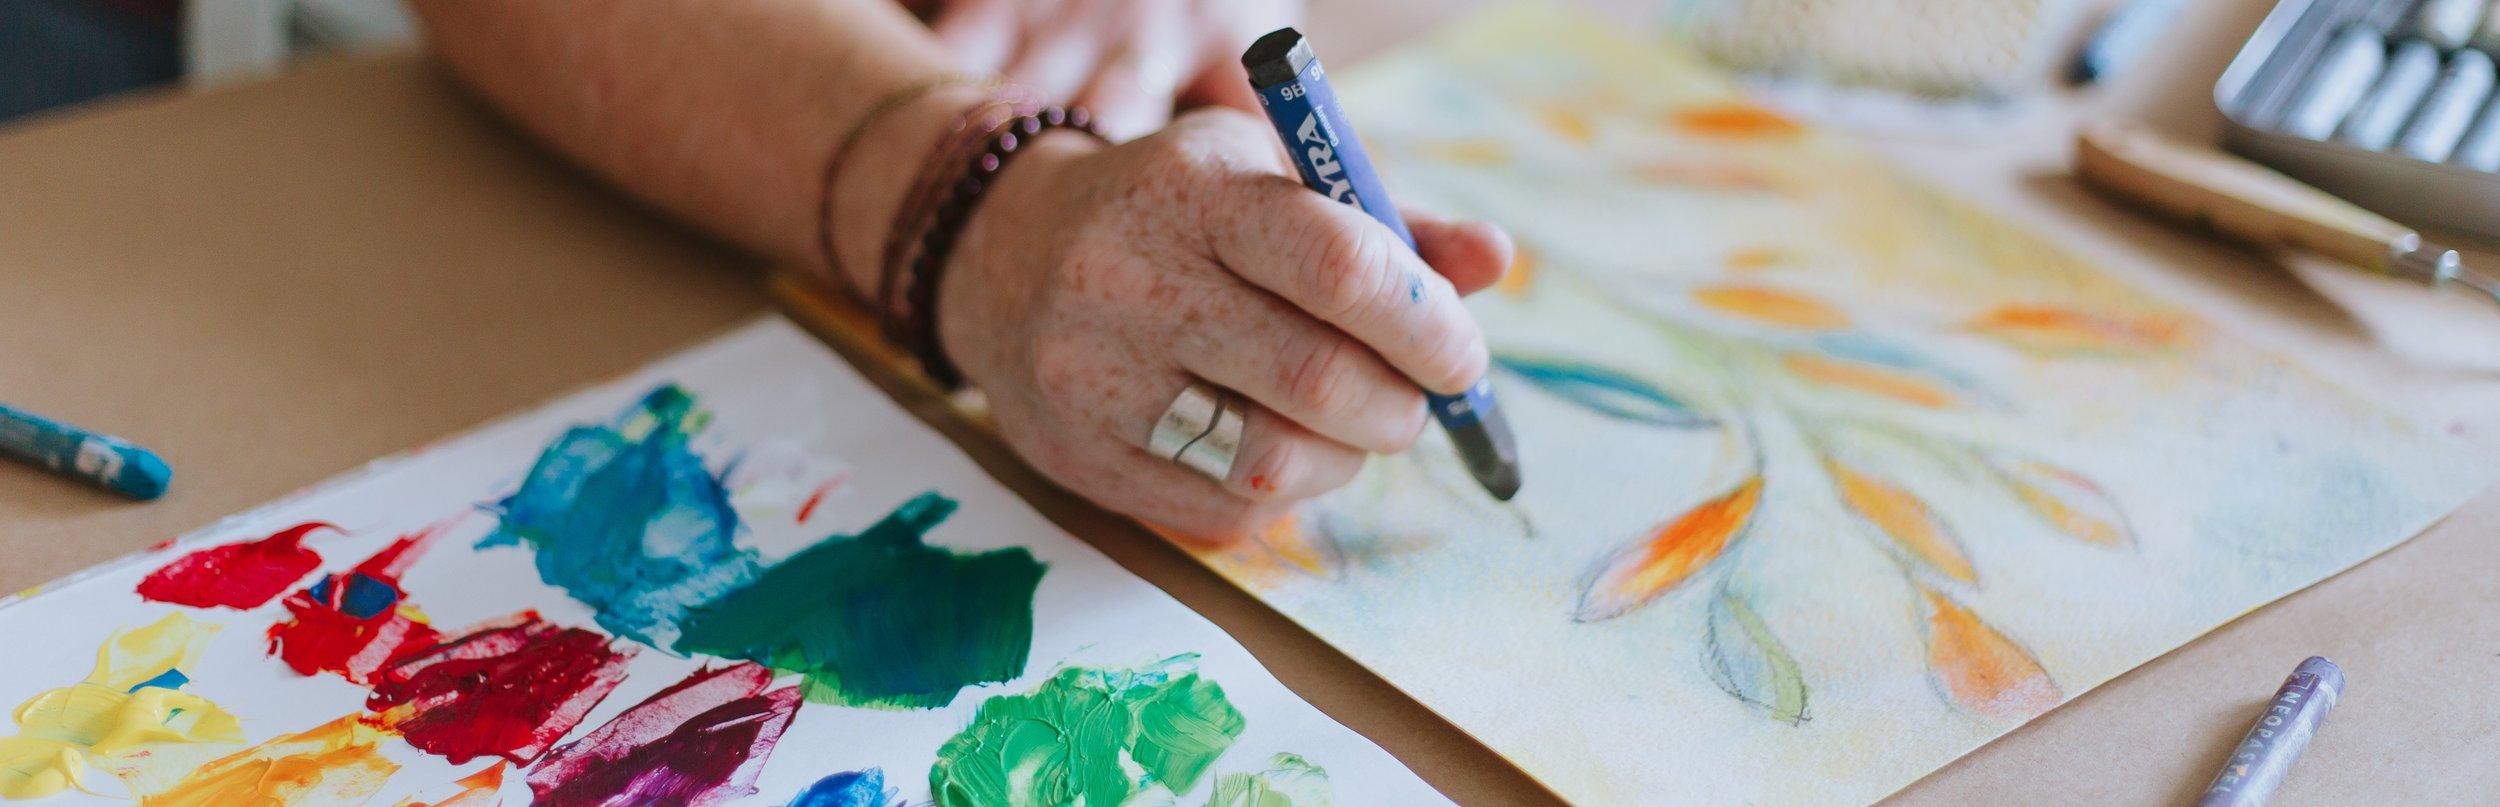 True Colors Art Program with Kellee Wynne Studios in the studio painting 17 (2).jpg